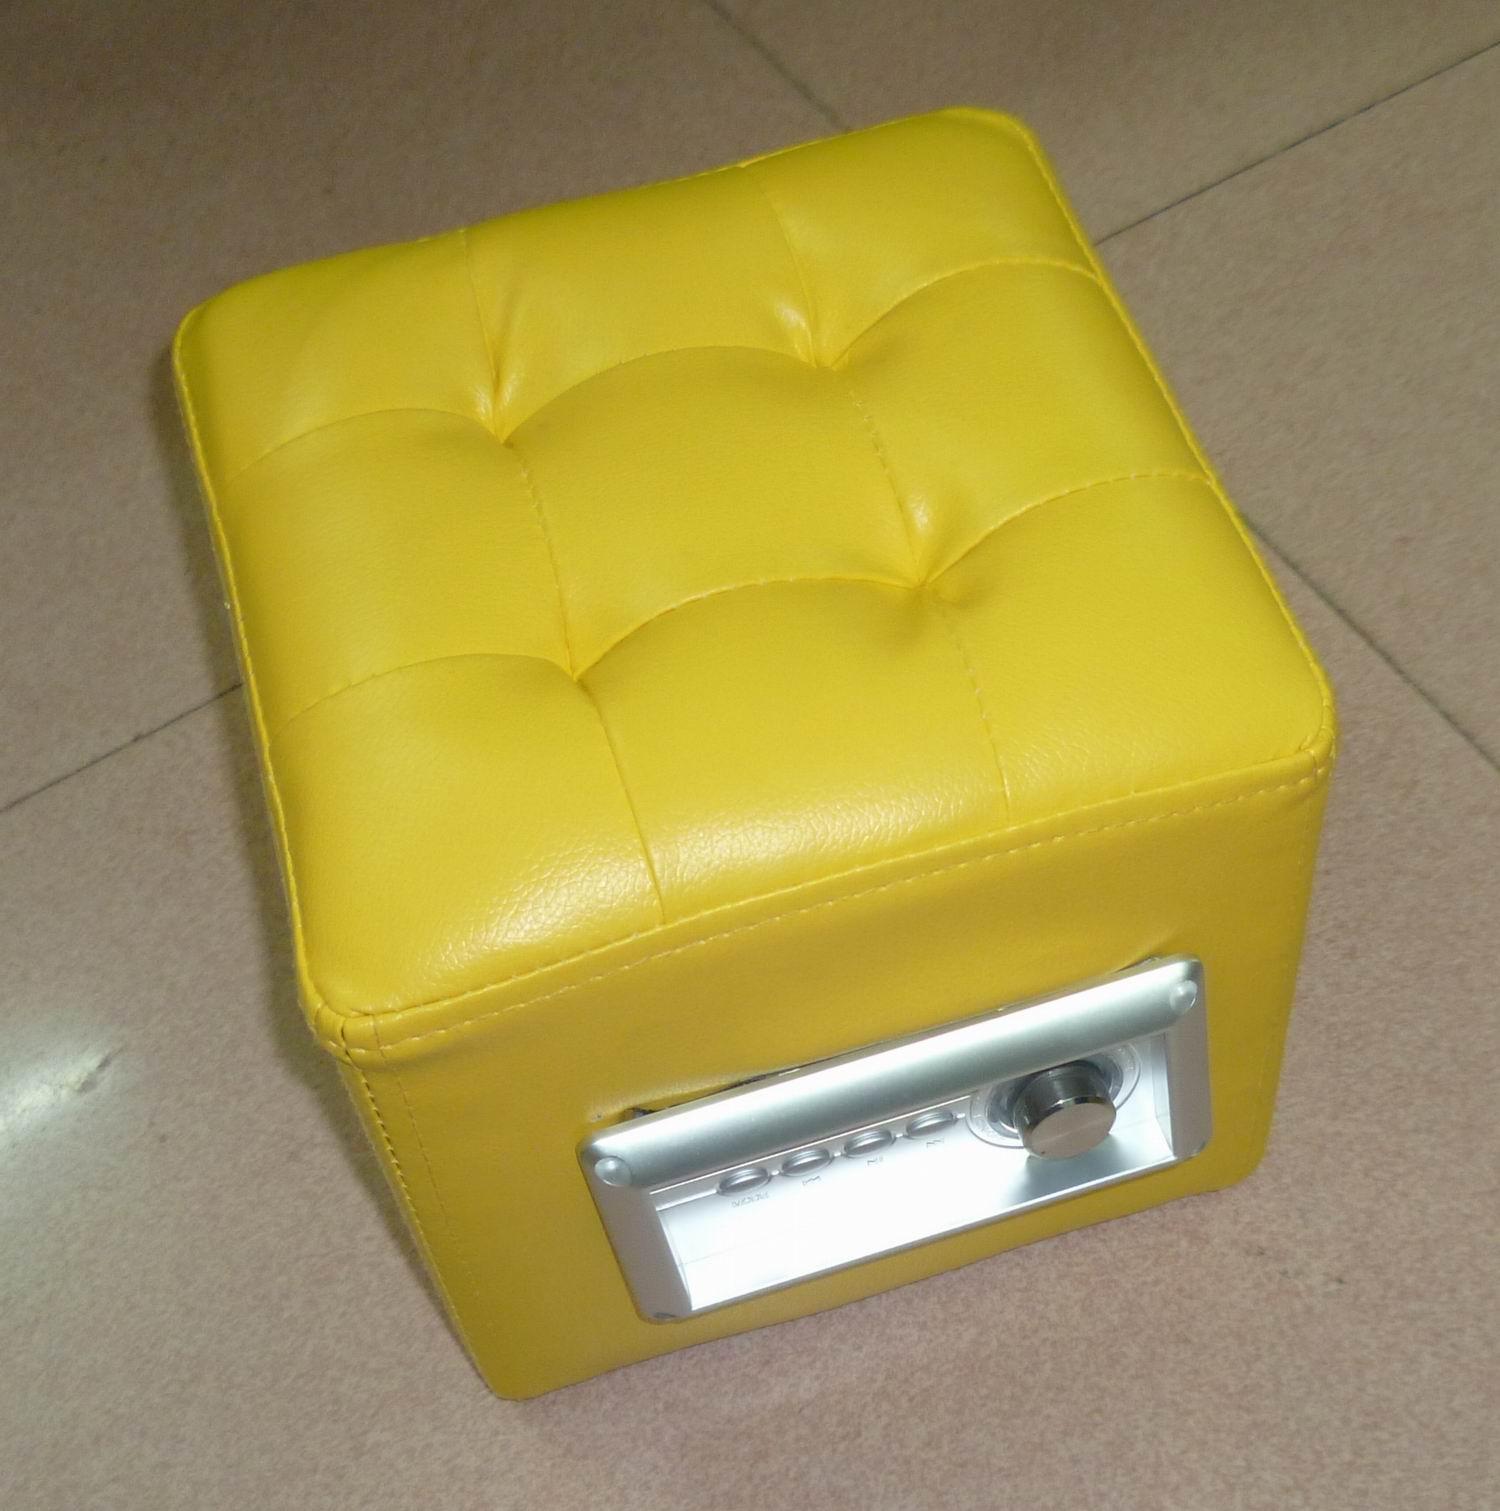 沙发家具蓝牙MP3播放器蓝牙模块 4